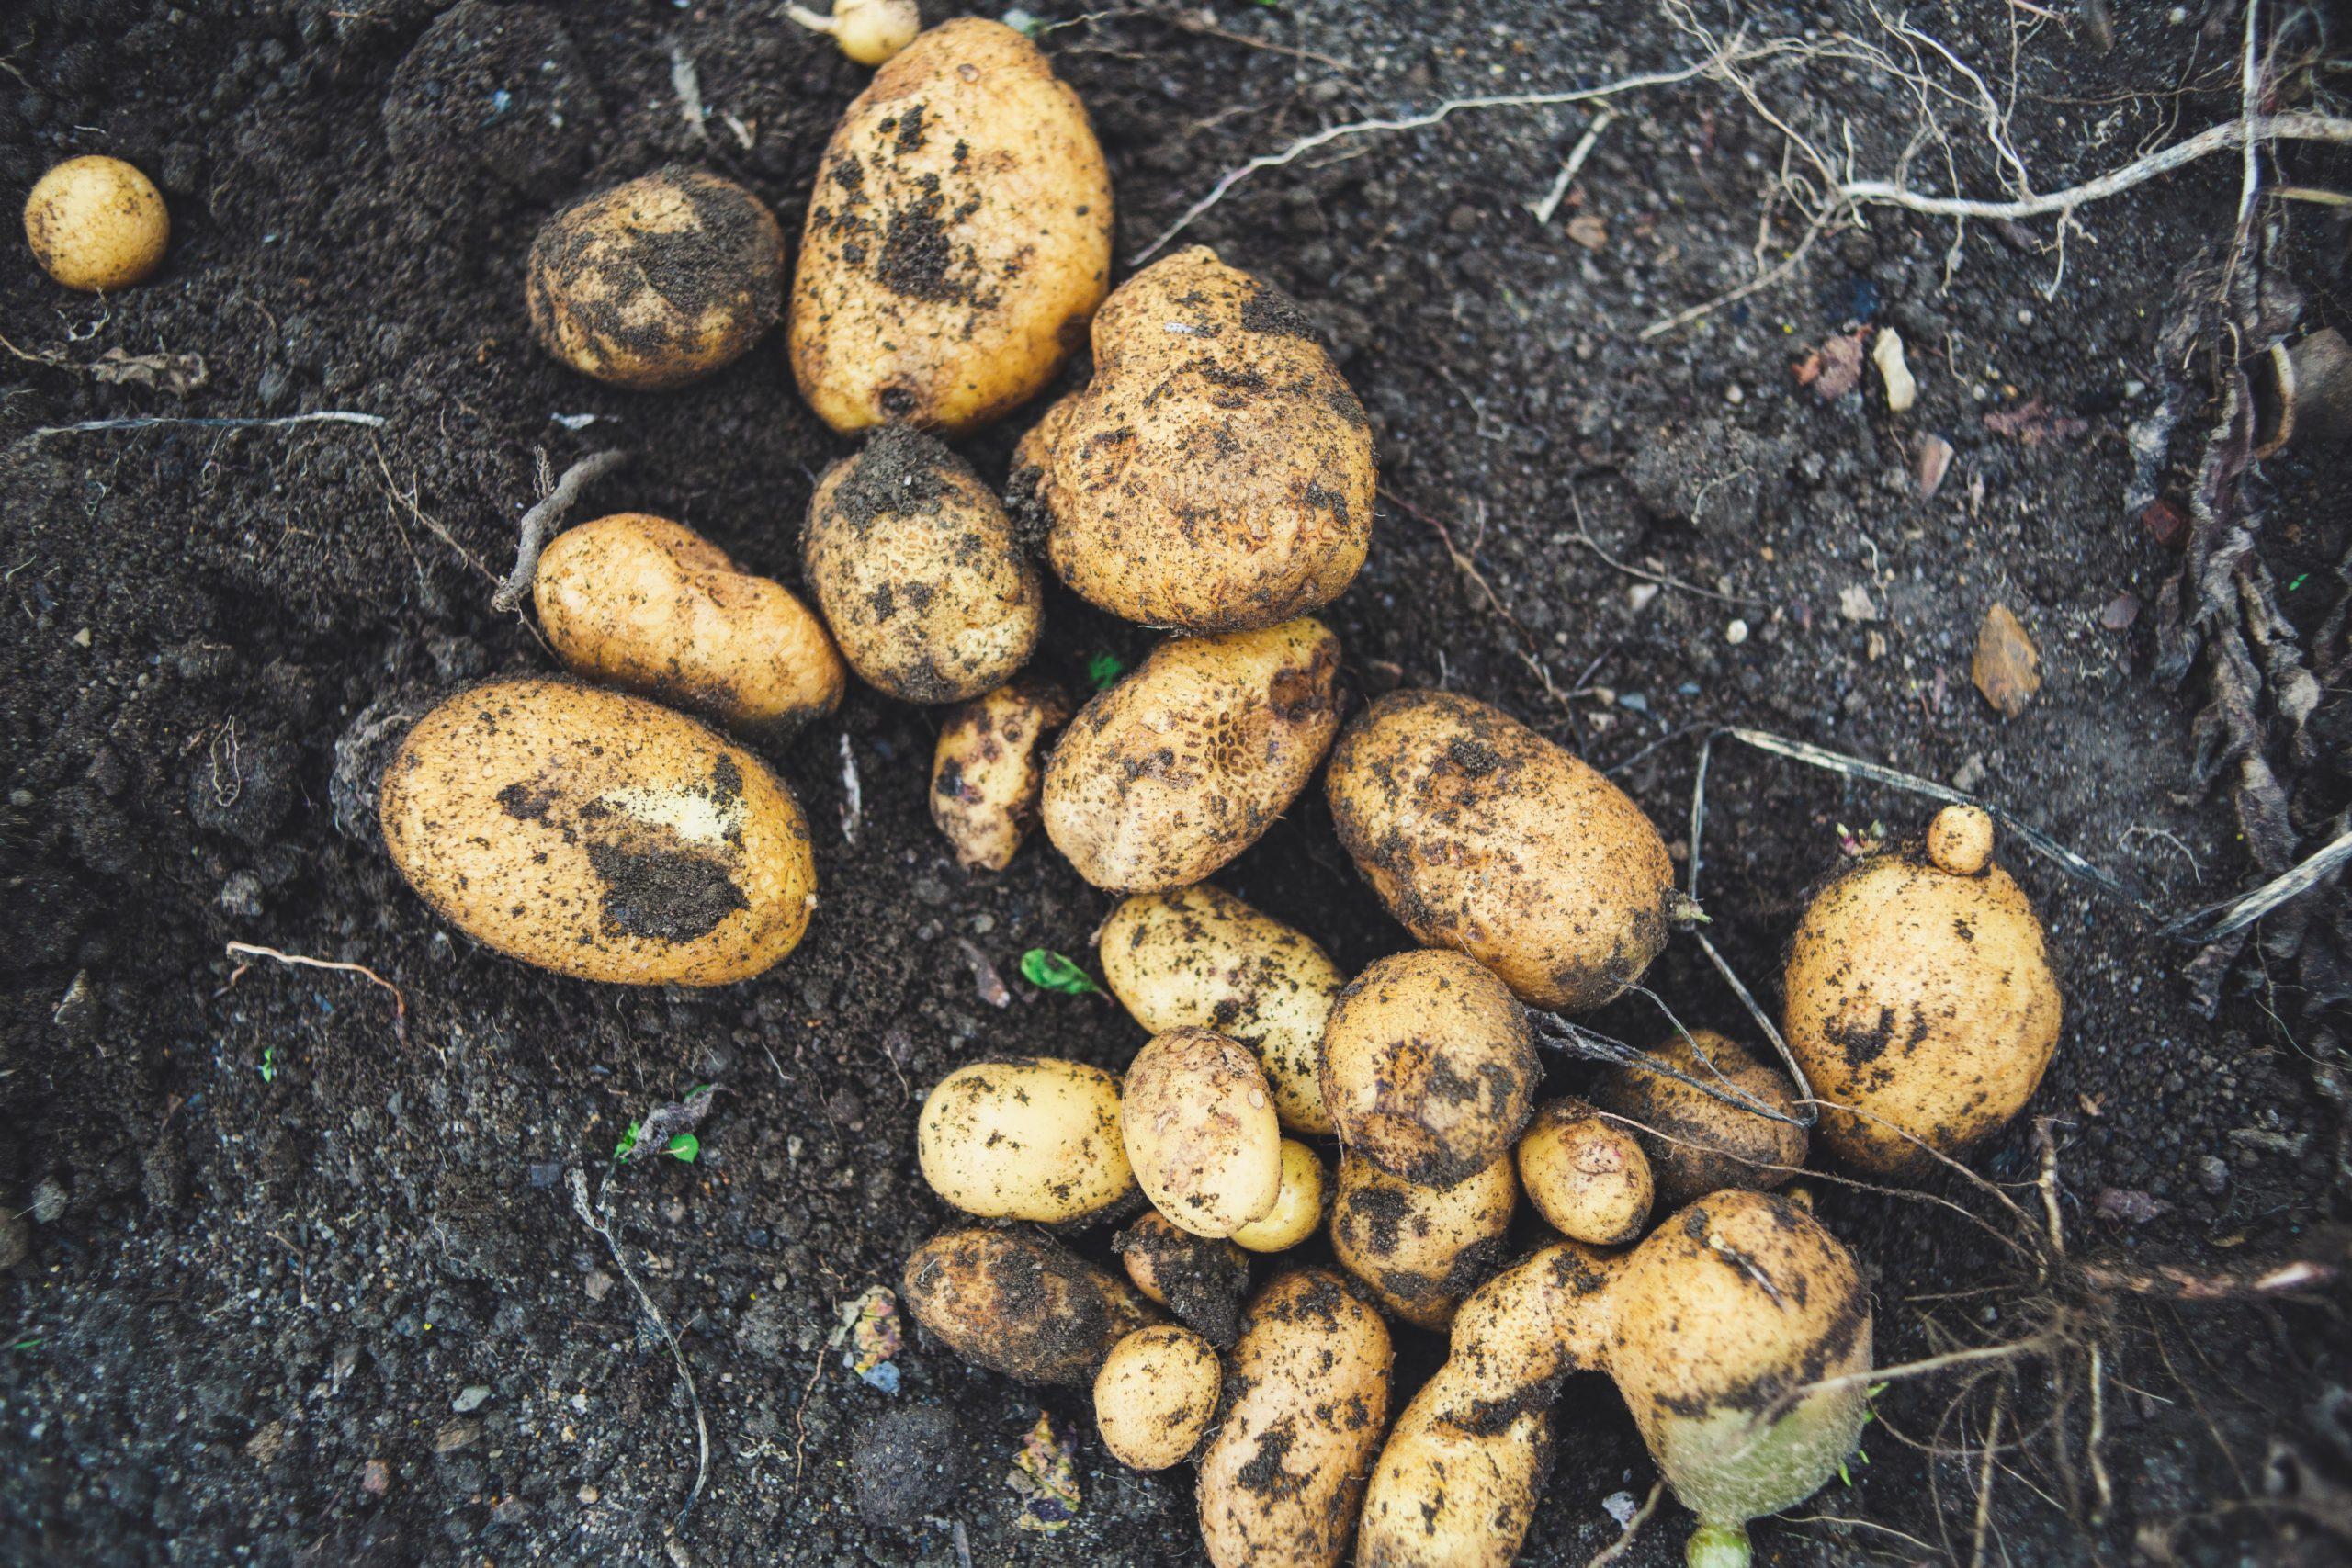 jak wykorzystać resztki warzyw, owoców i ziół - ziemniaki